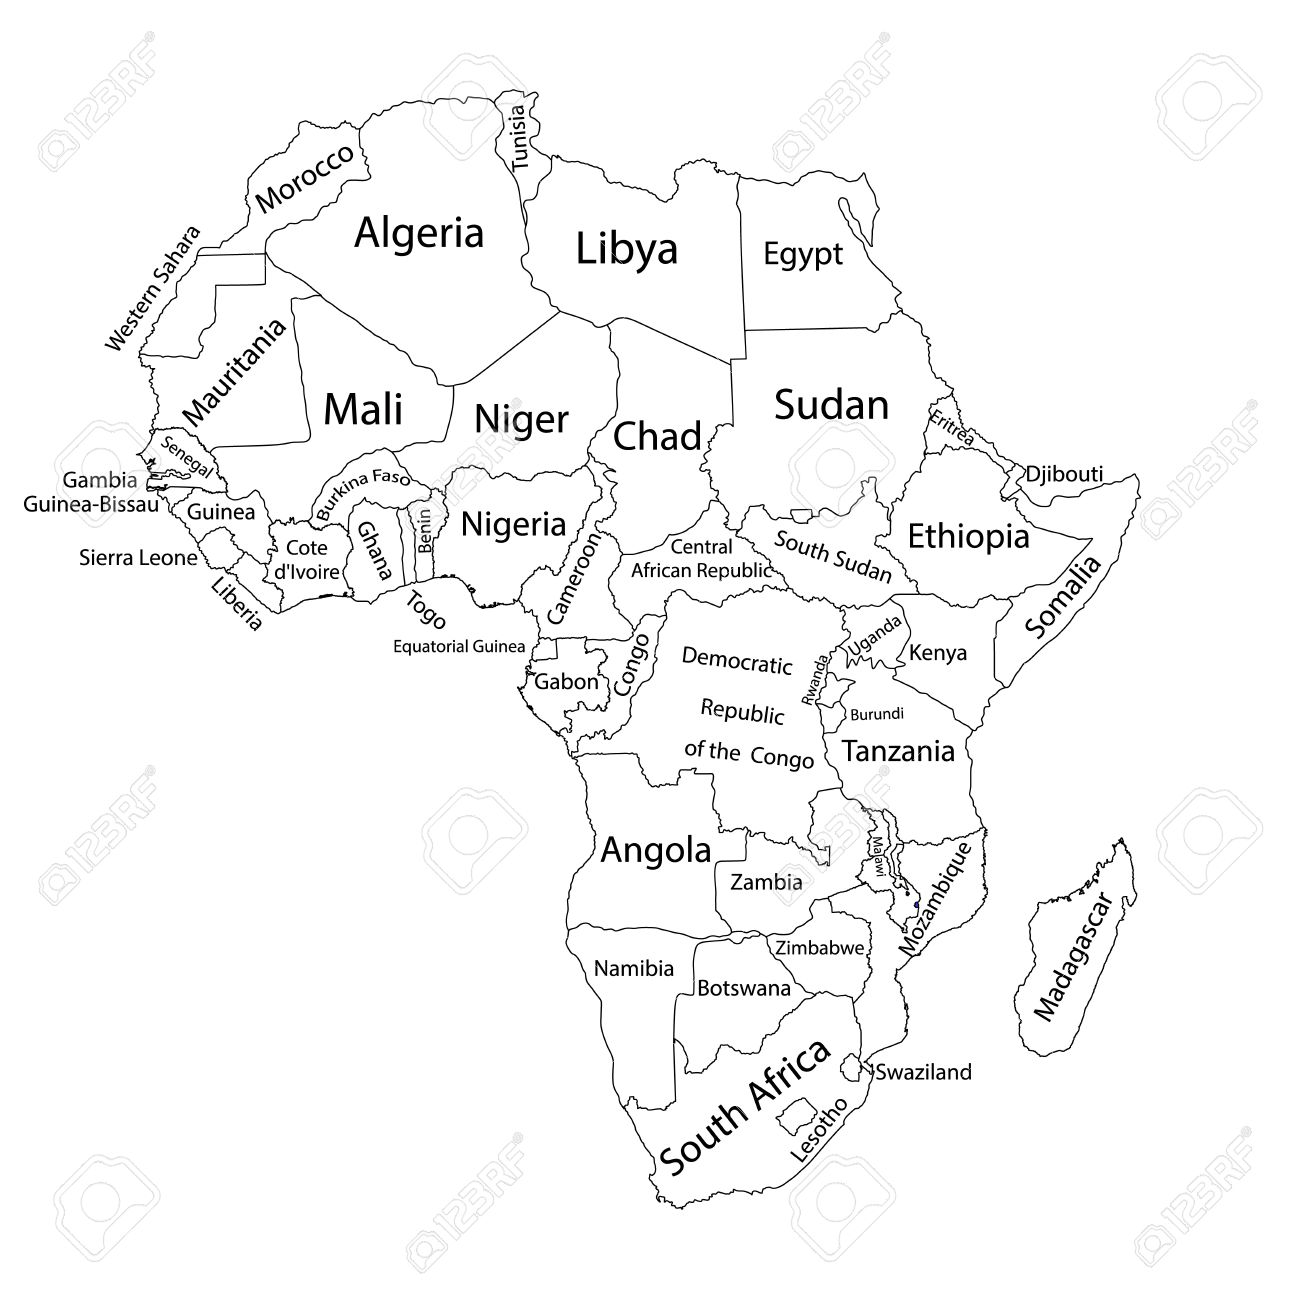 Carte Vectorielle Vierge éditable Dafrique Carte Vectorielle Dafrique Isolée Sur Fond Décran Très Détaillé Carte Des Pays Séparés Dafrique